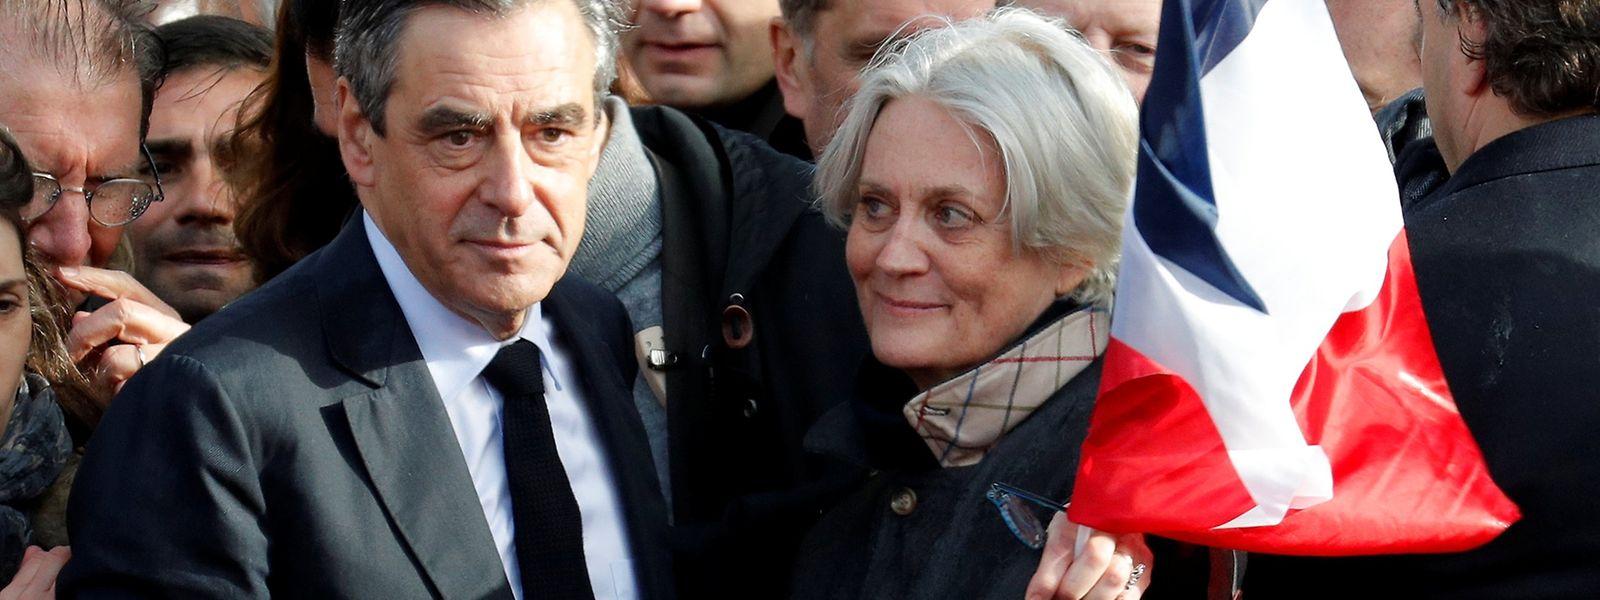 """Das Thema """"Jobs für Verwandte"""" war durch das Ehepaar Fillon während des Präsidentschaftswahlkampfes in den Blickpunkt gerückt."""